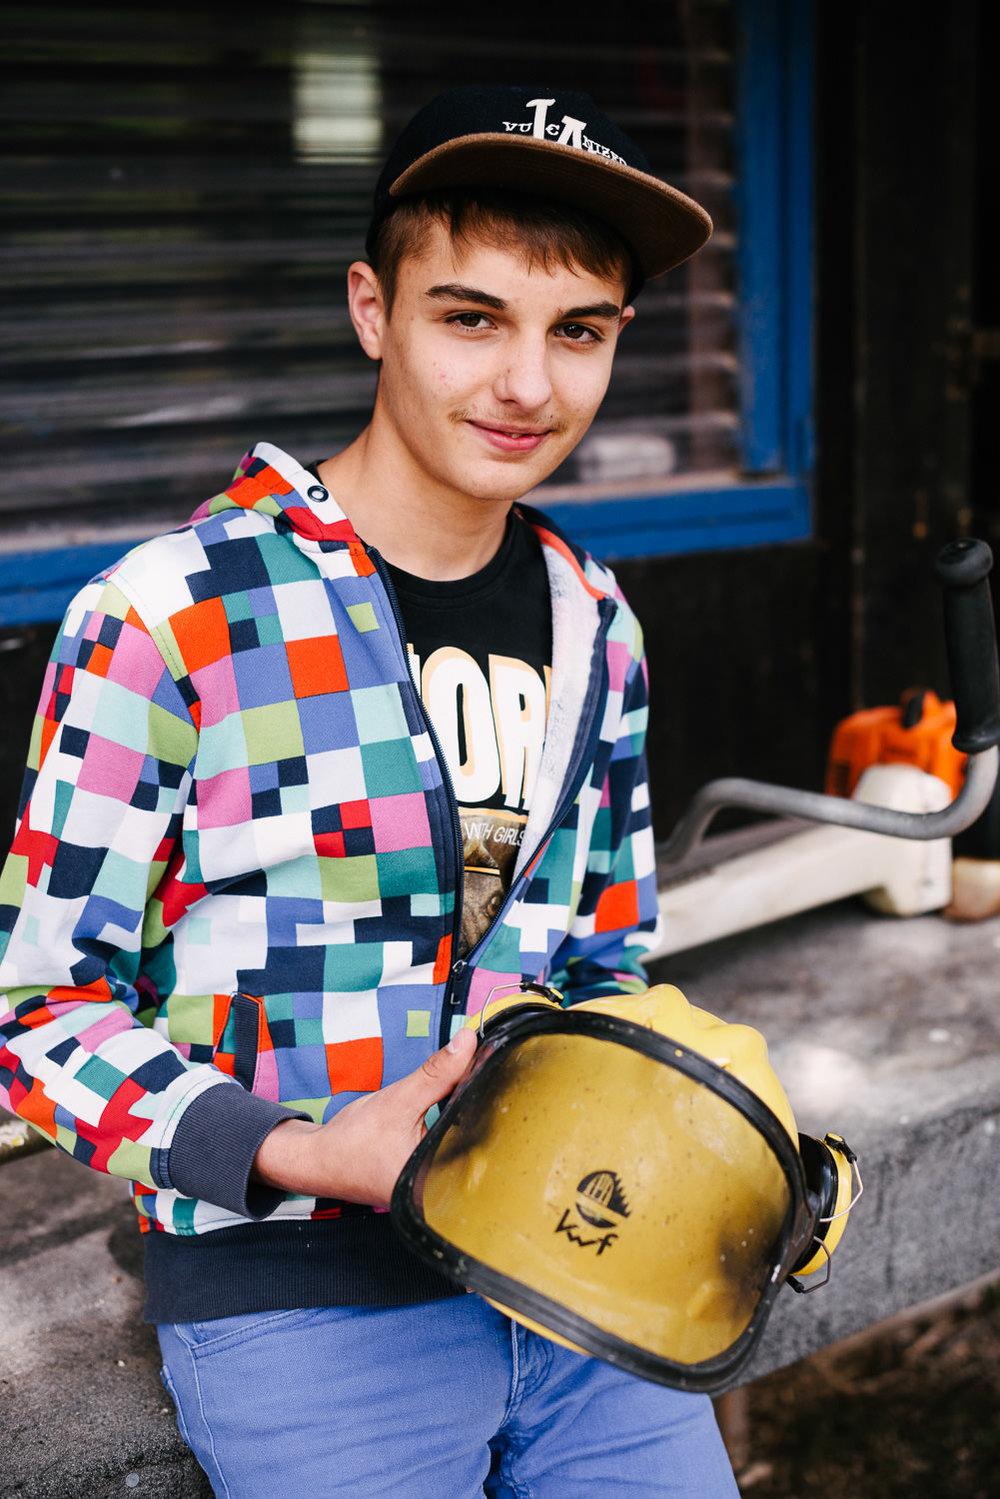 Arbeit im Stall, Seifenkisten bauen, klettern in der Halle, DJ-Songs mixen – in seiner Freizeit ist Timo gut beschäftigt.